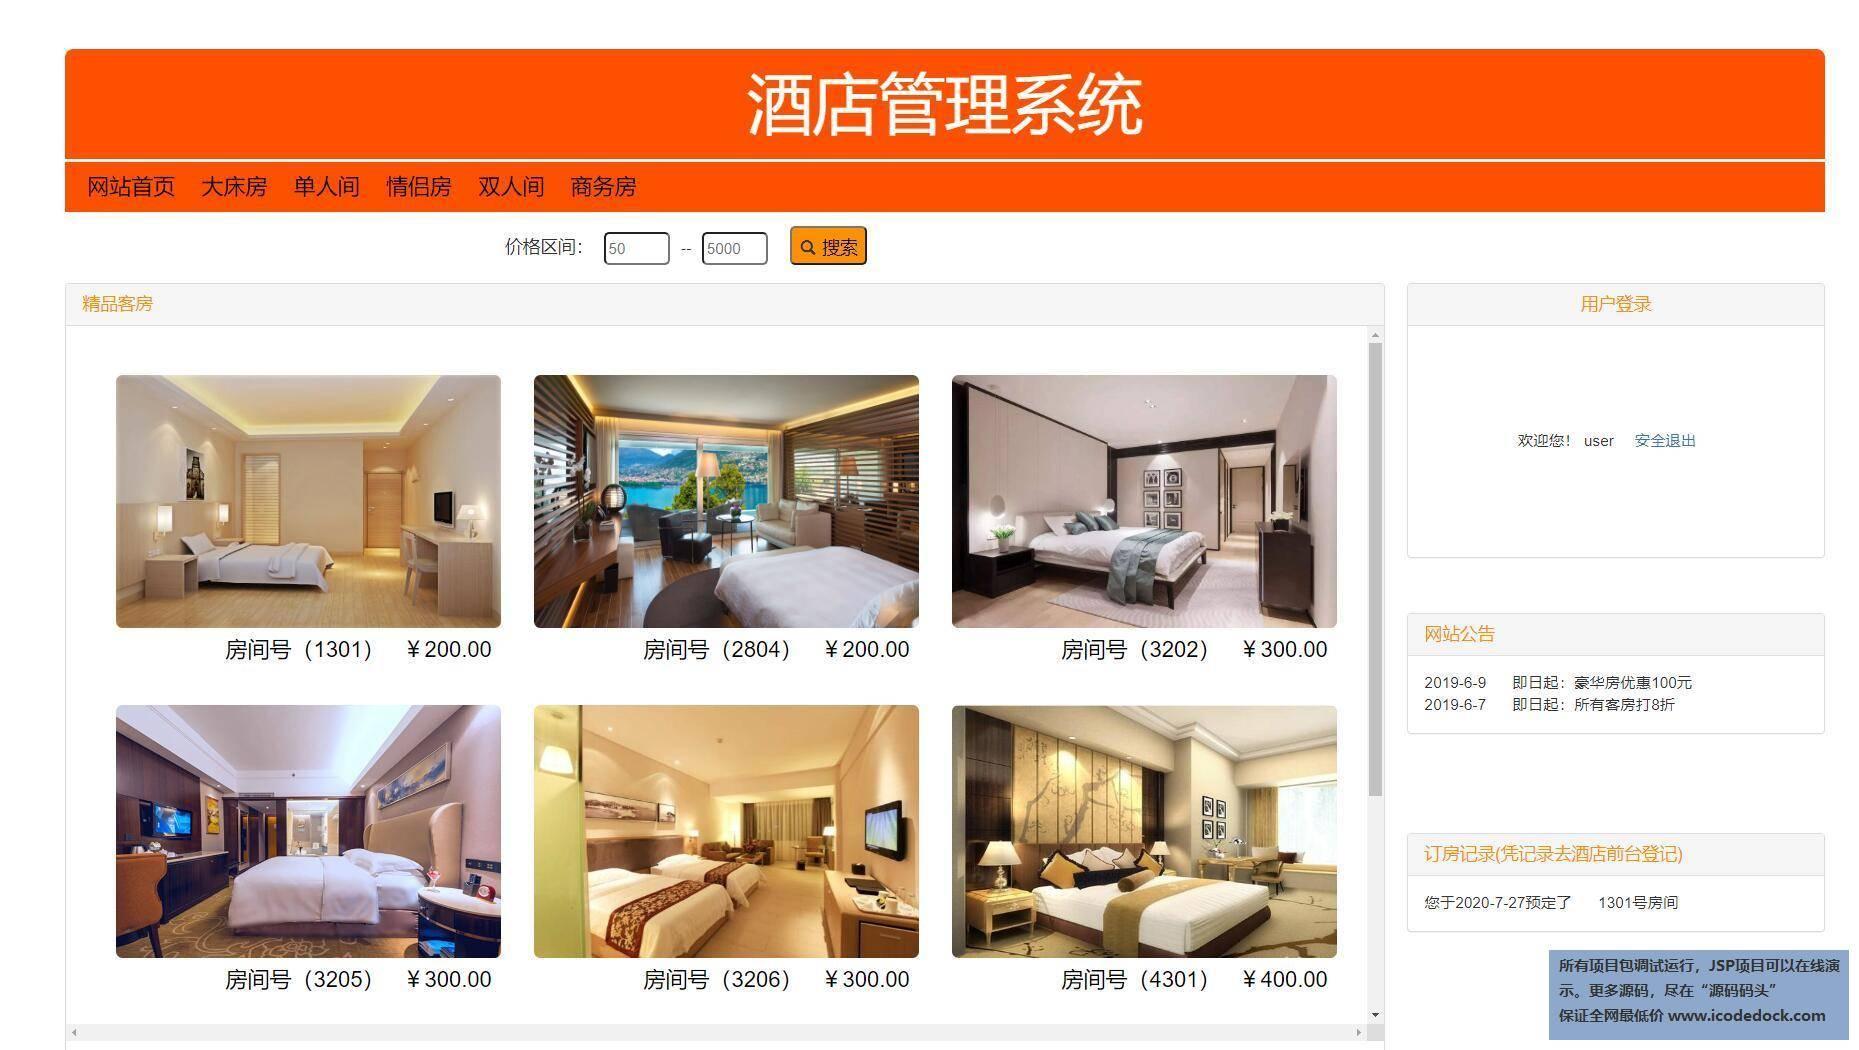 源码码头-SSM酒店客房管理系统-用户角色-用户首页